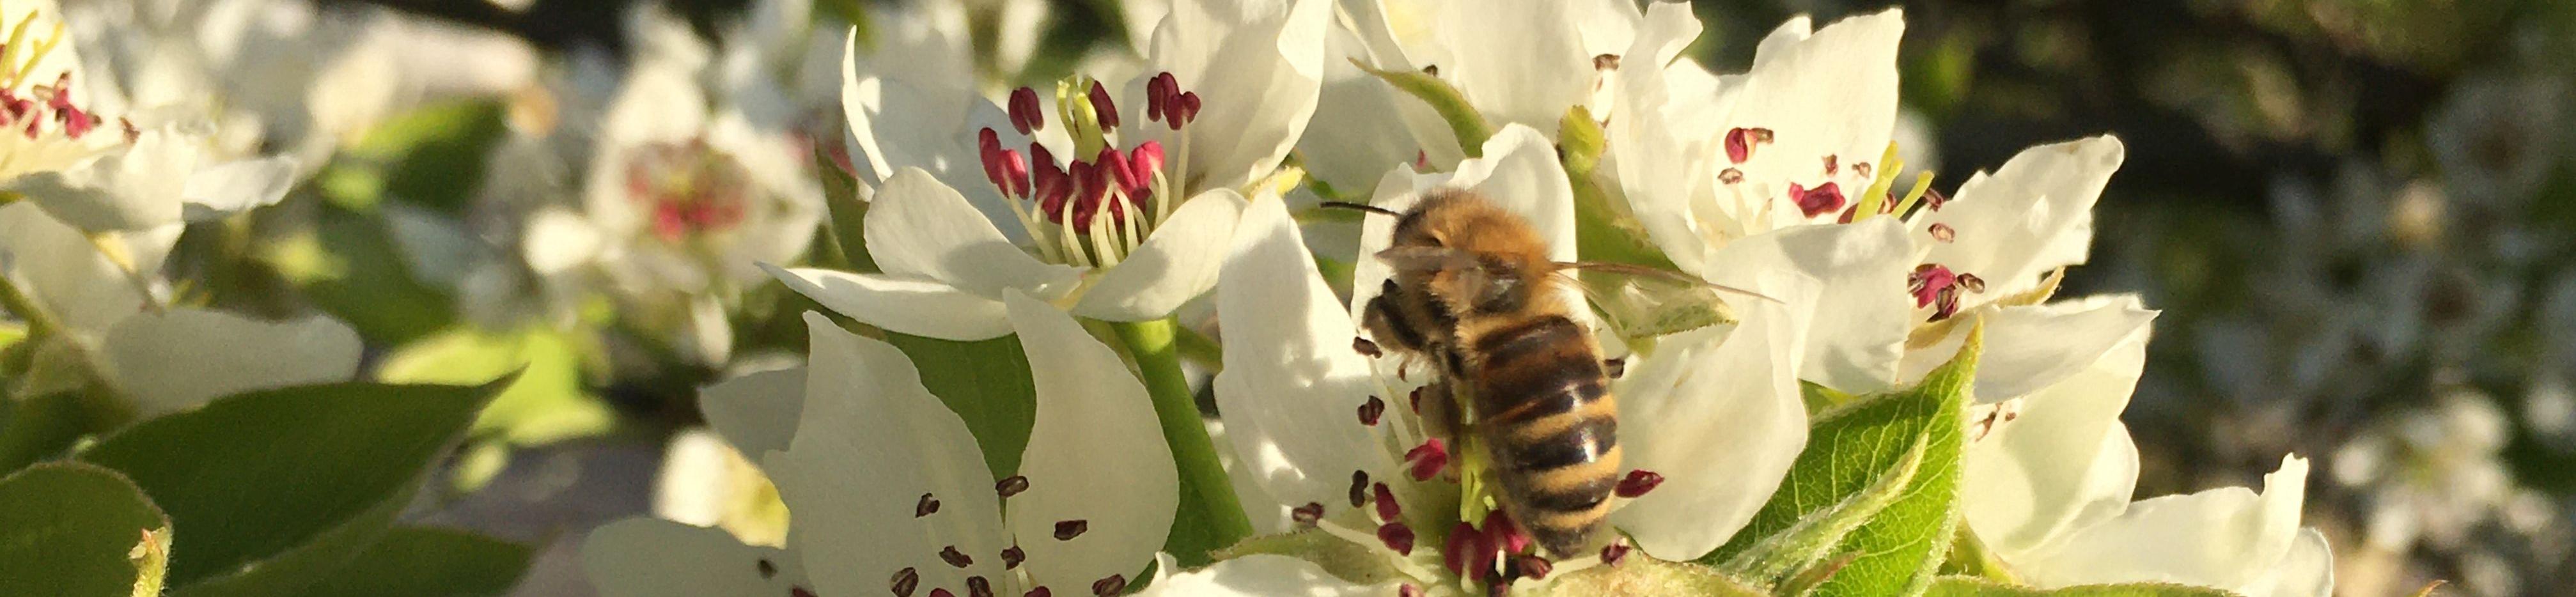 Biene in Blüte der Nashi Birne